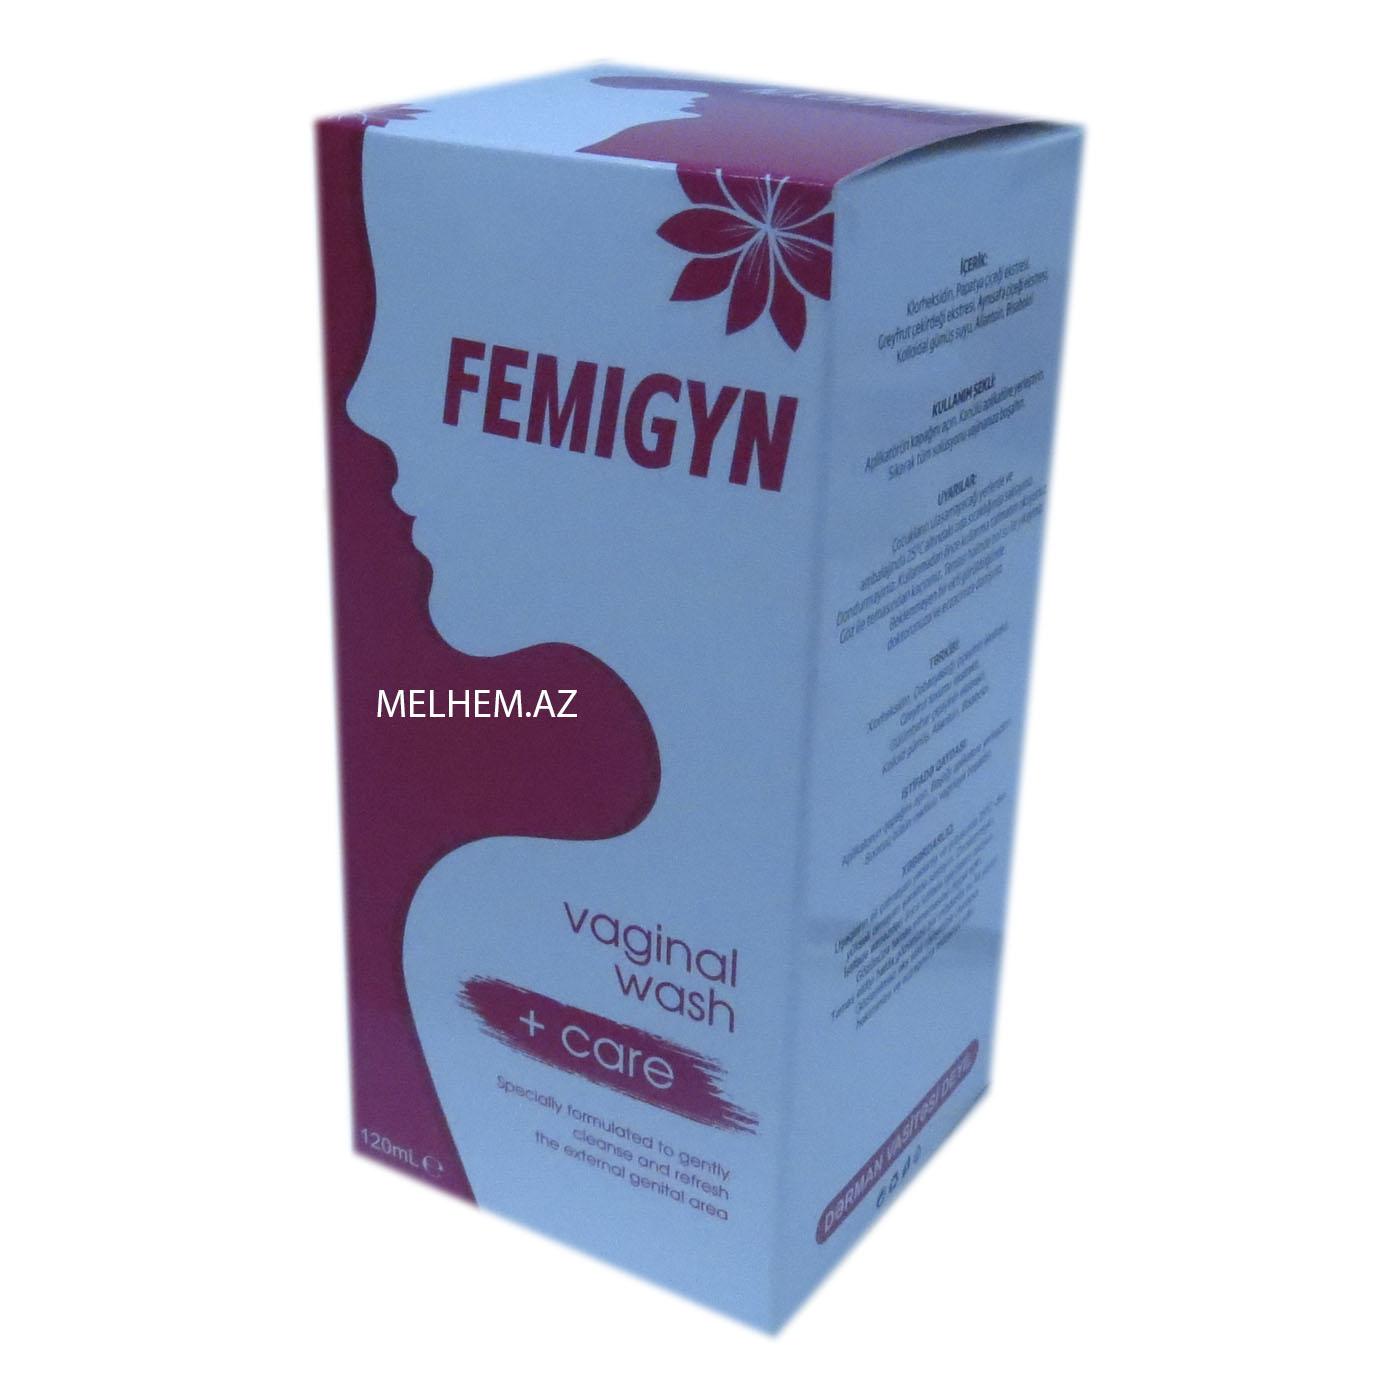 FEMIGYN